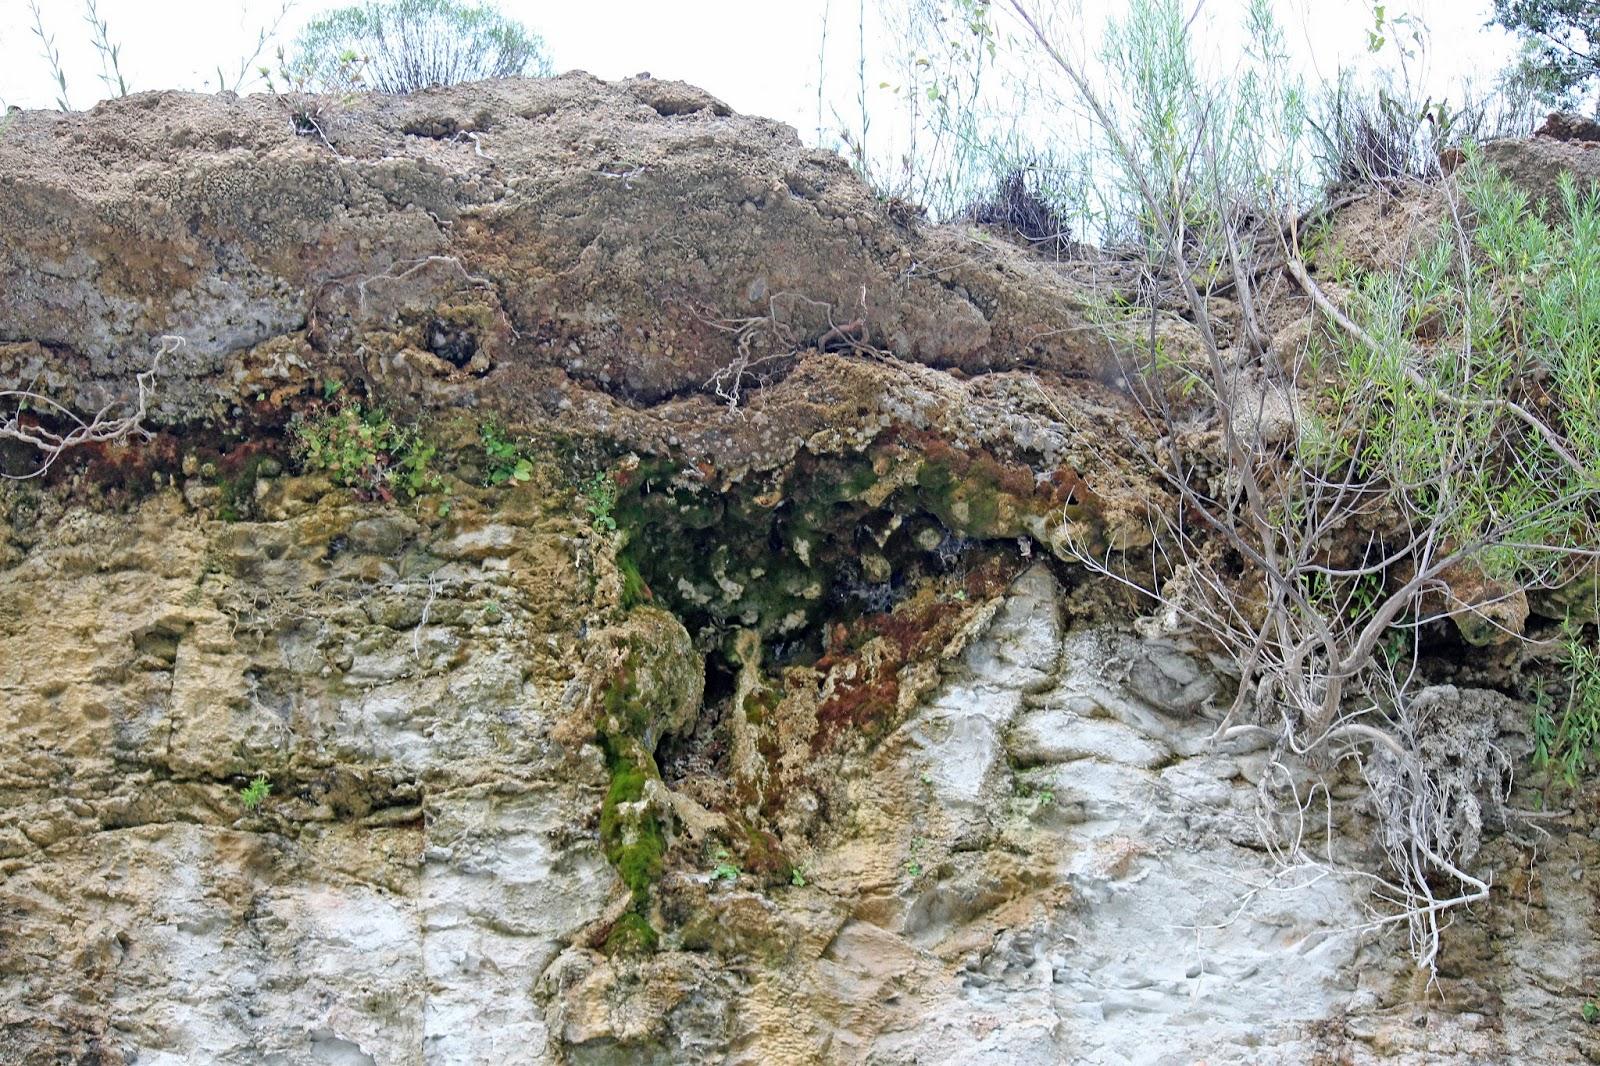 barren springs personals 228 edmonton ln, barren springs, va is a 912 sq ft 3 bed, 1 bath home sold in barren springs, virginia.